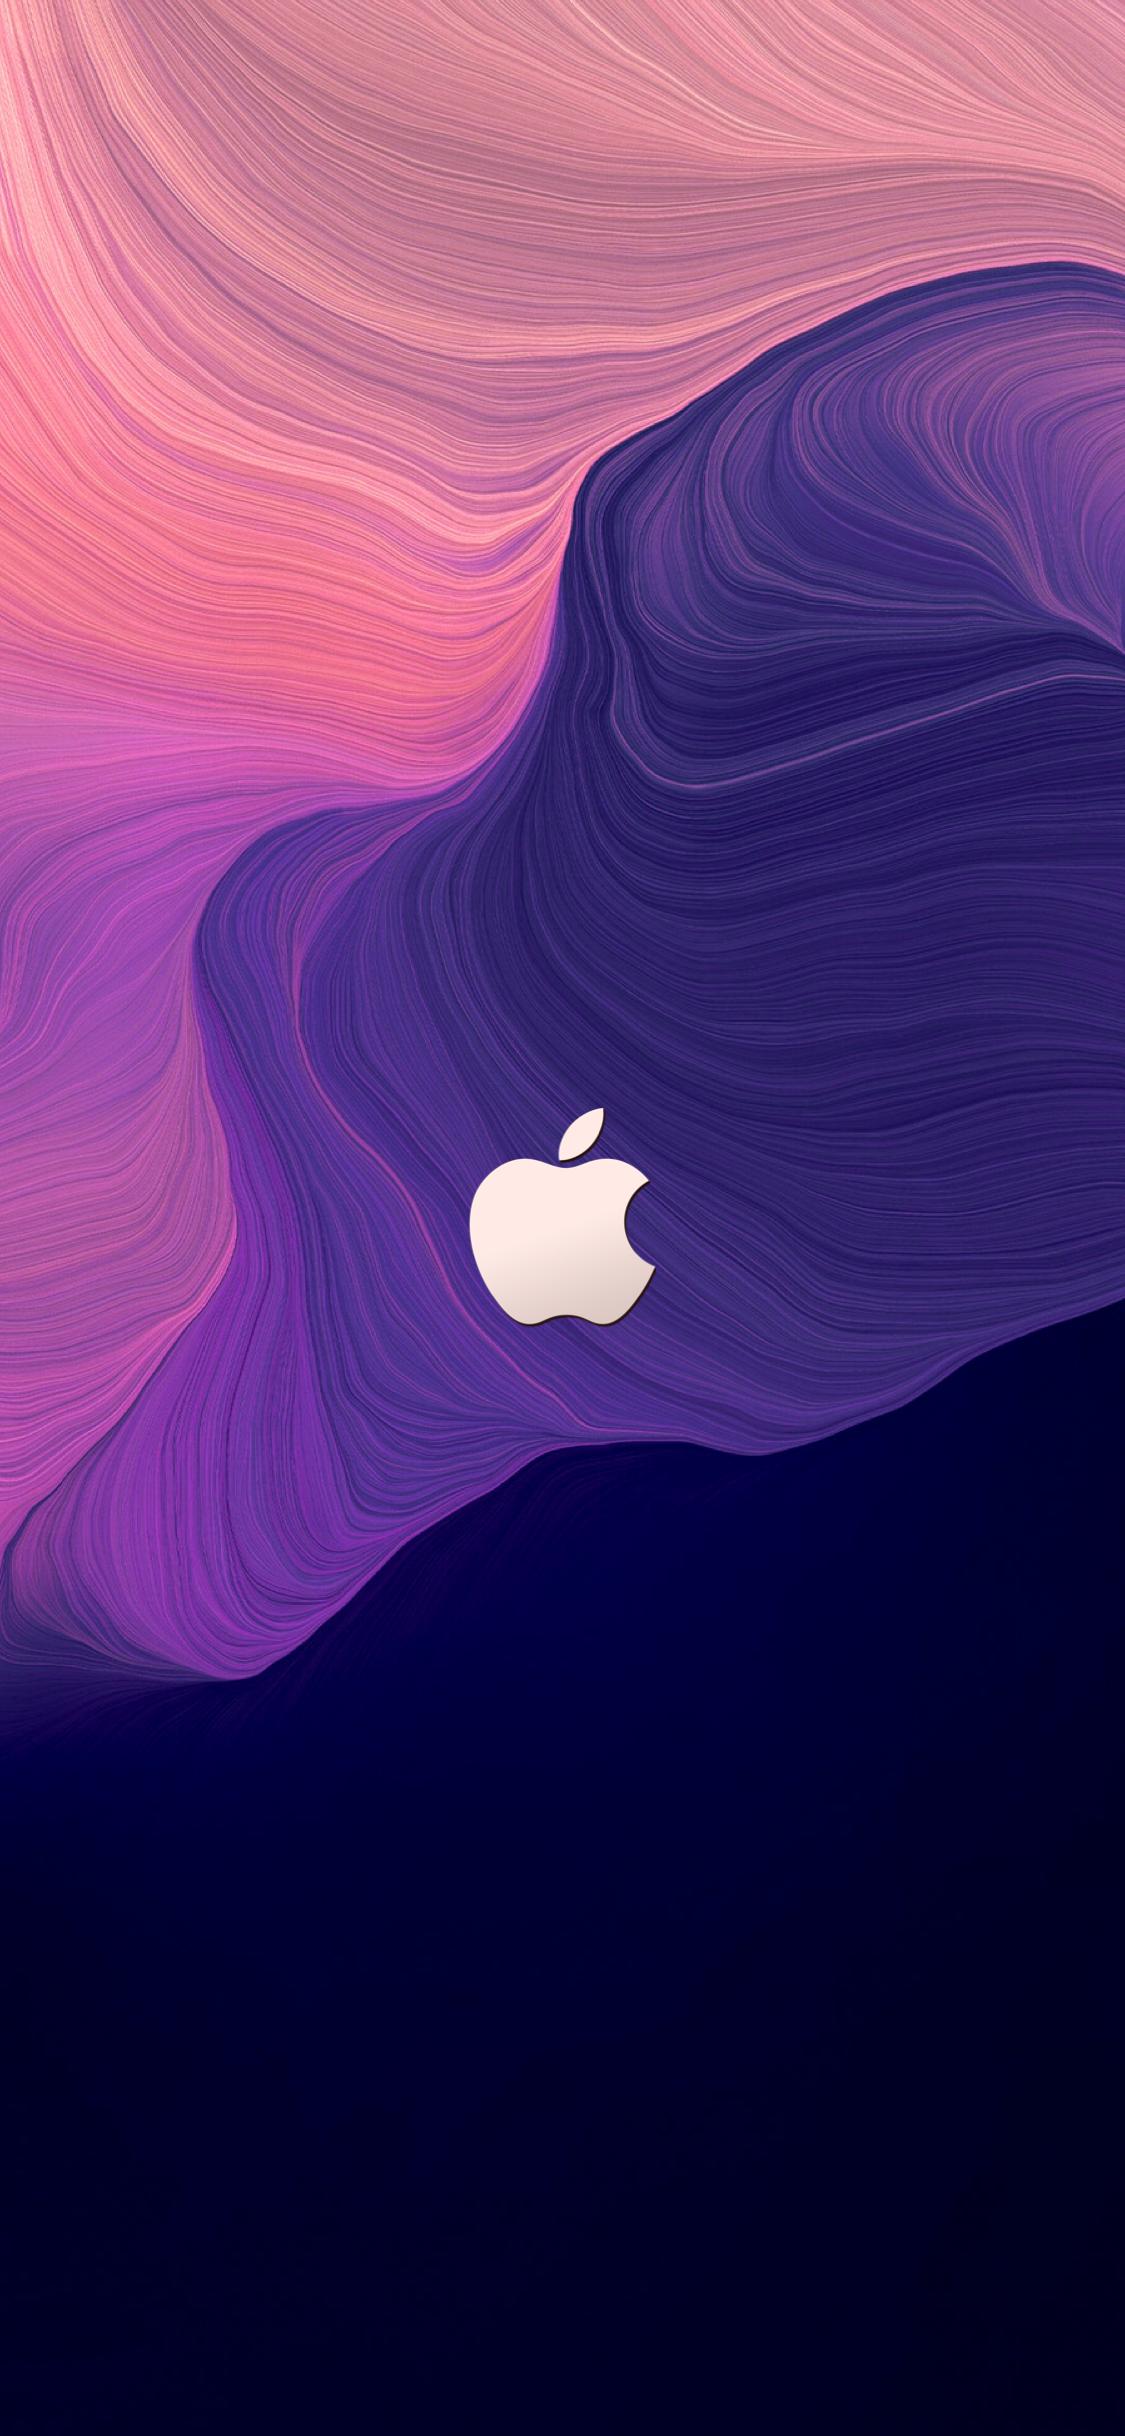 Pin by JØӉḀ₦ ꝒŖ£Š¡ΠᾹŁ™ on Iphone apple in 2020 Apple